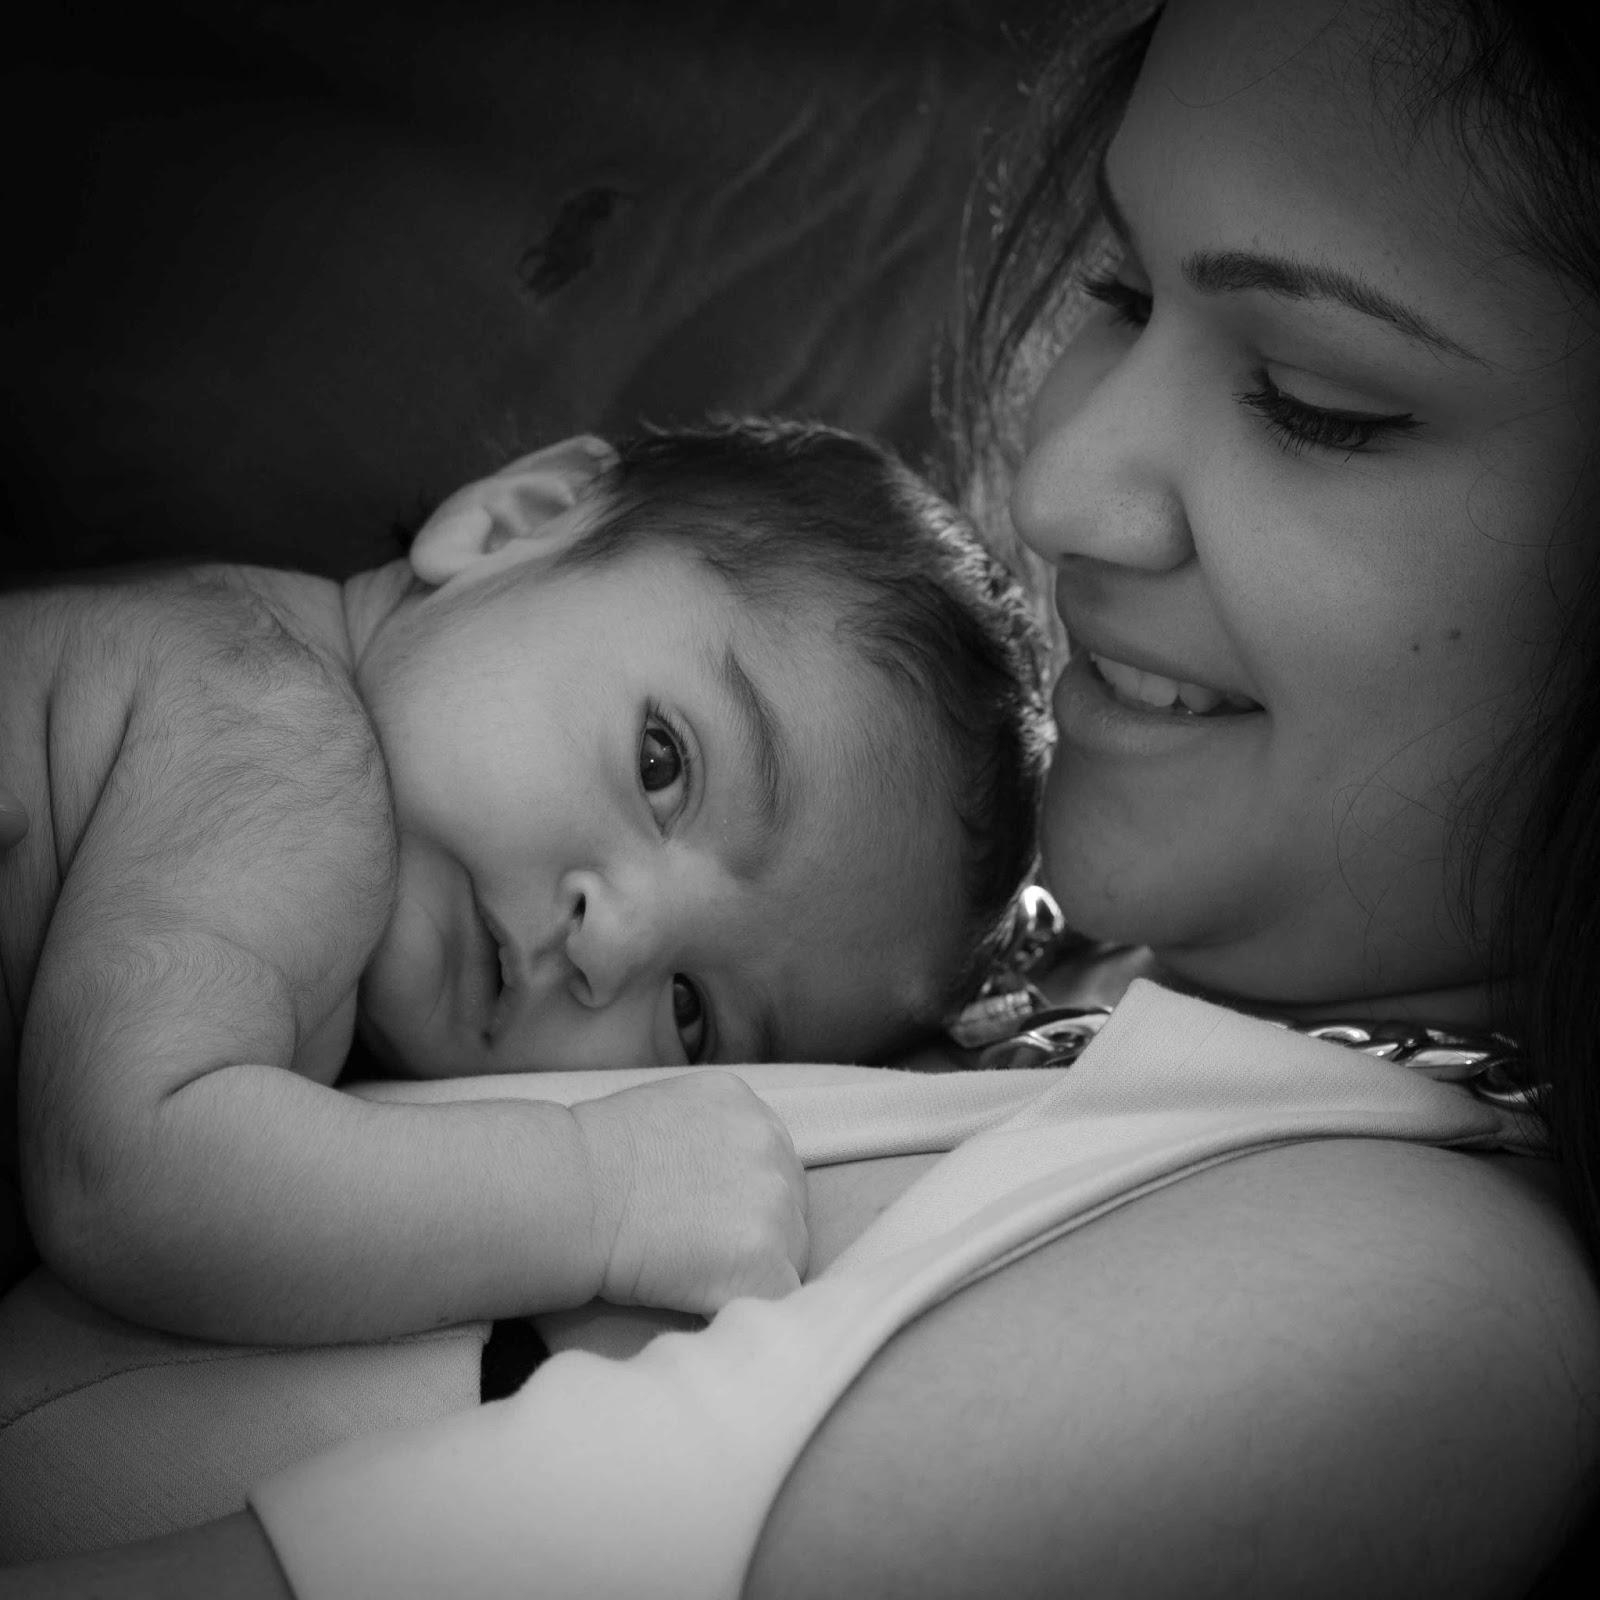 Baby and mum black and white